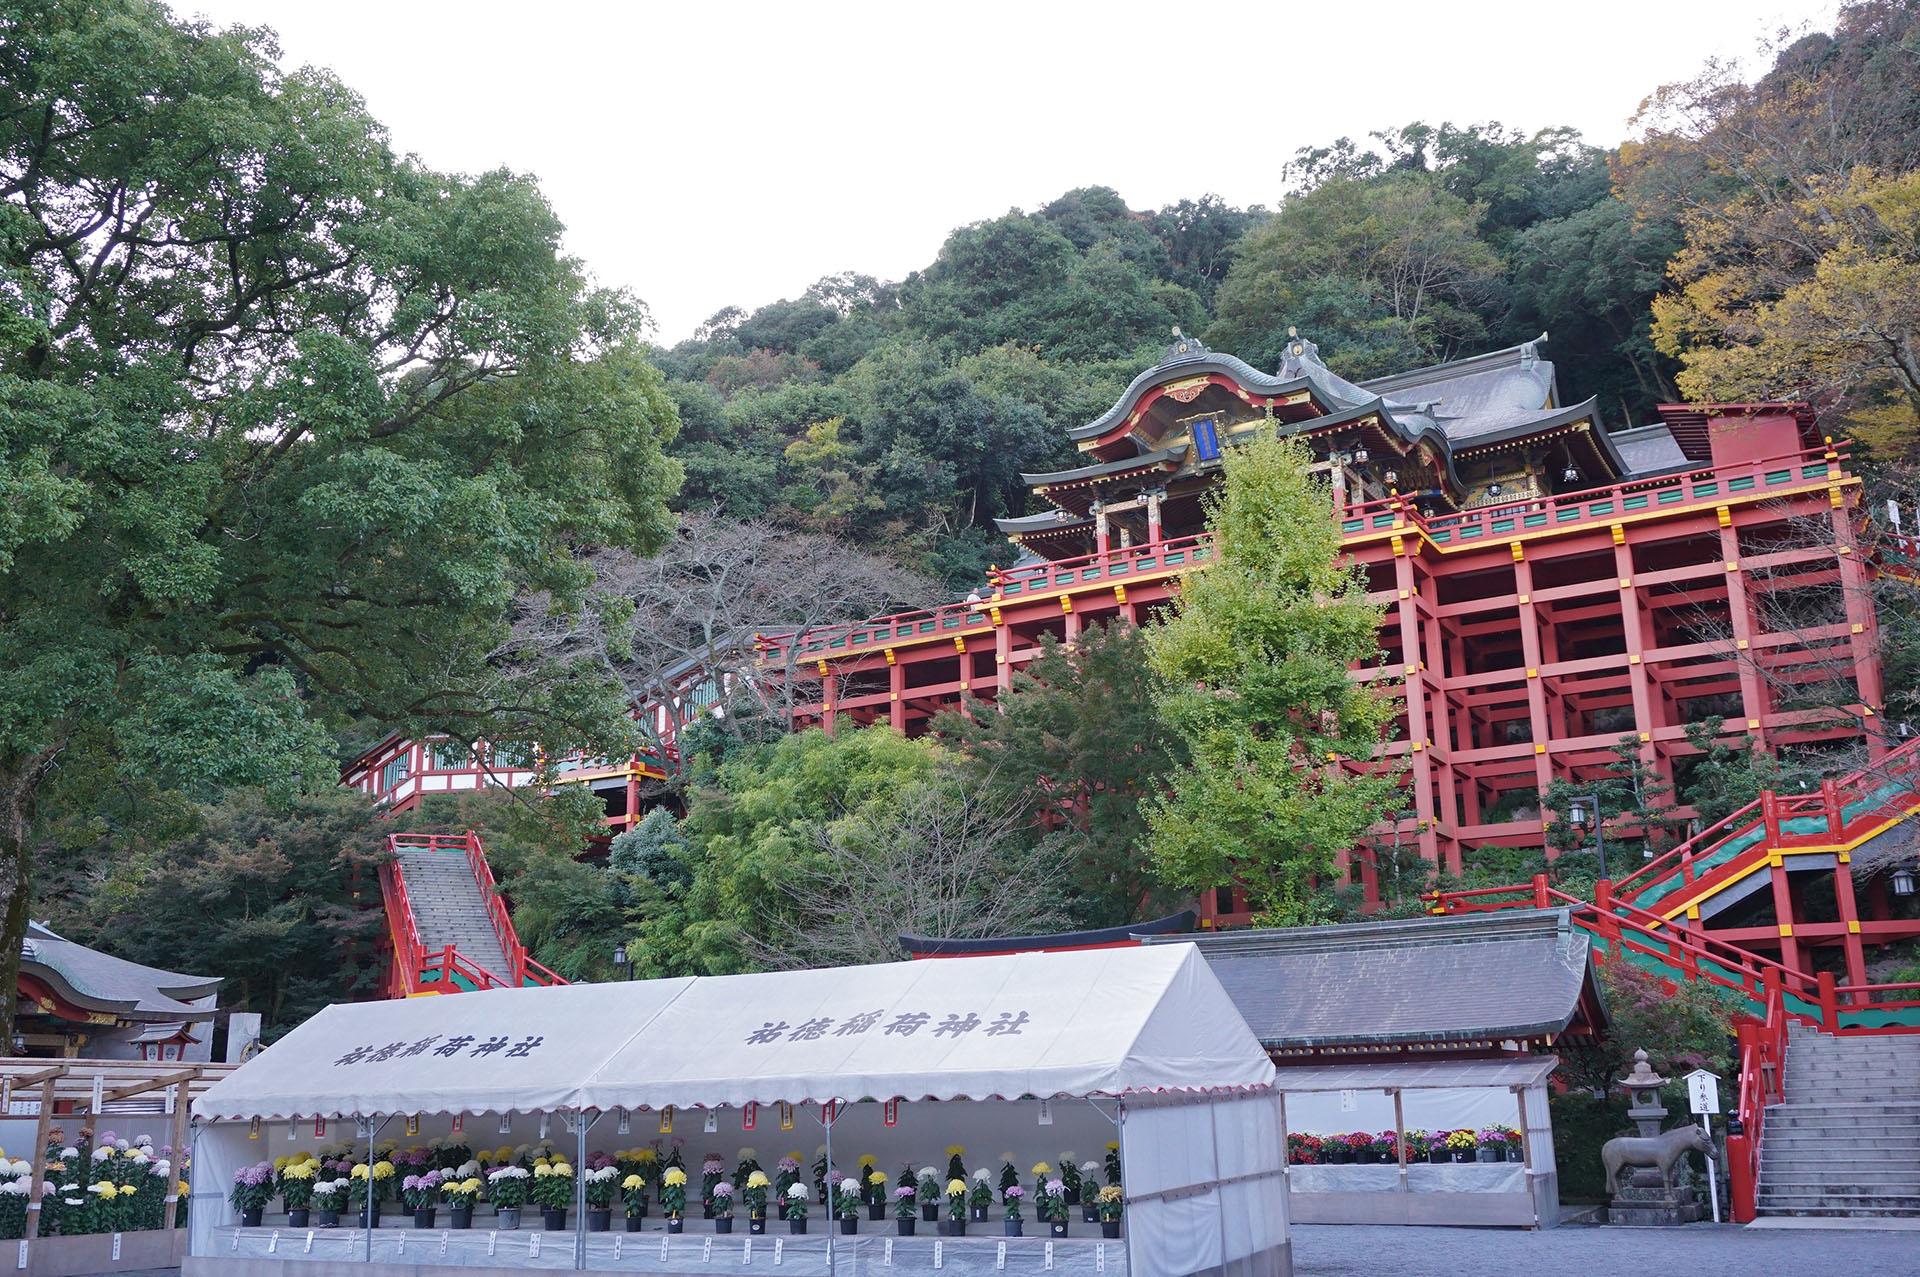 祐徳稲荷神社の本殿と菊の花